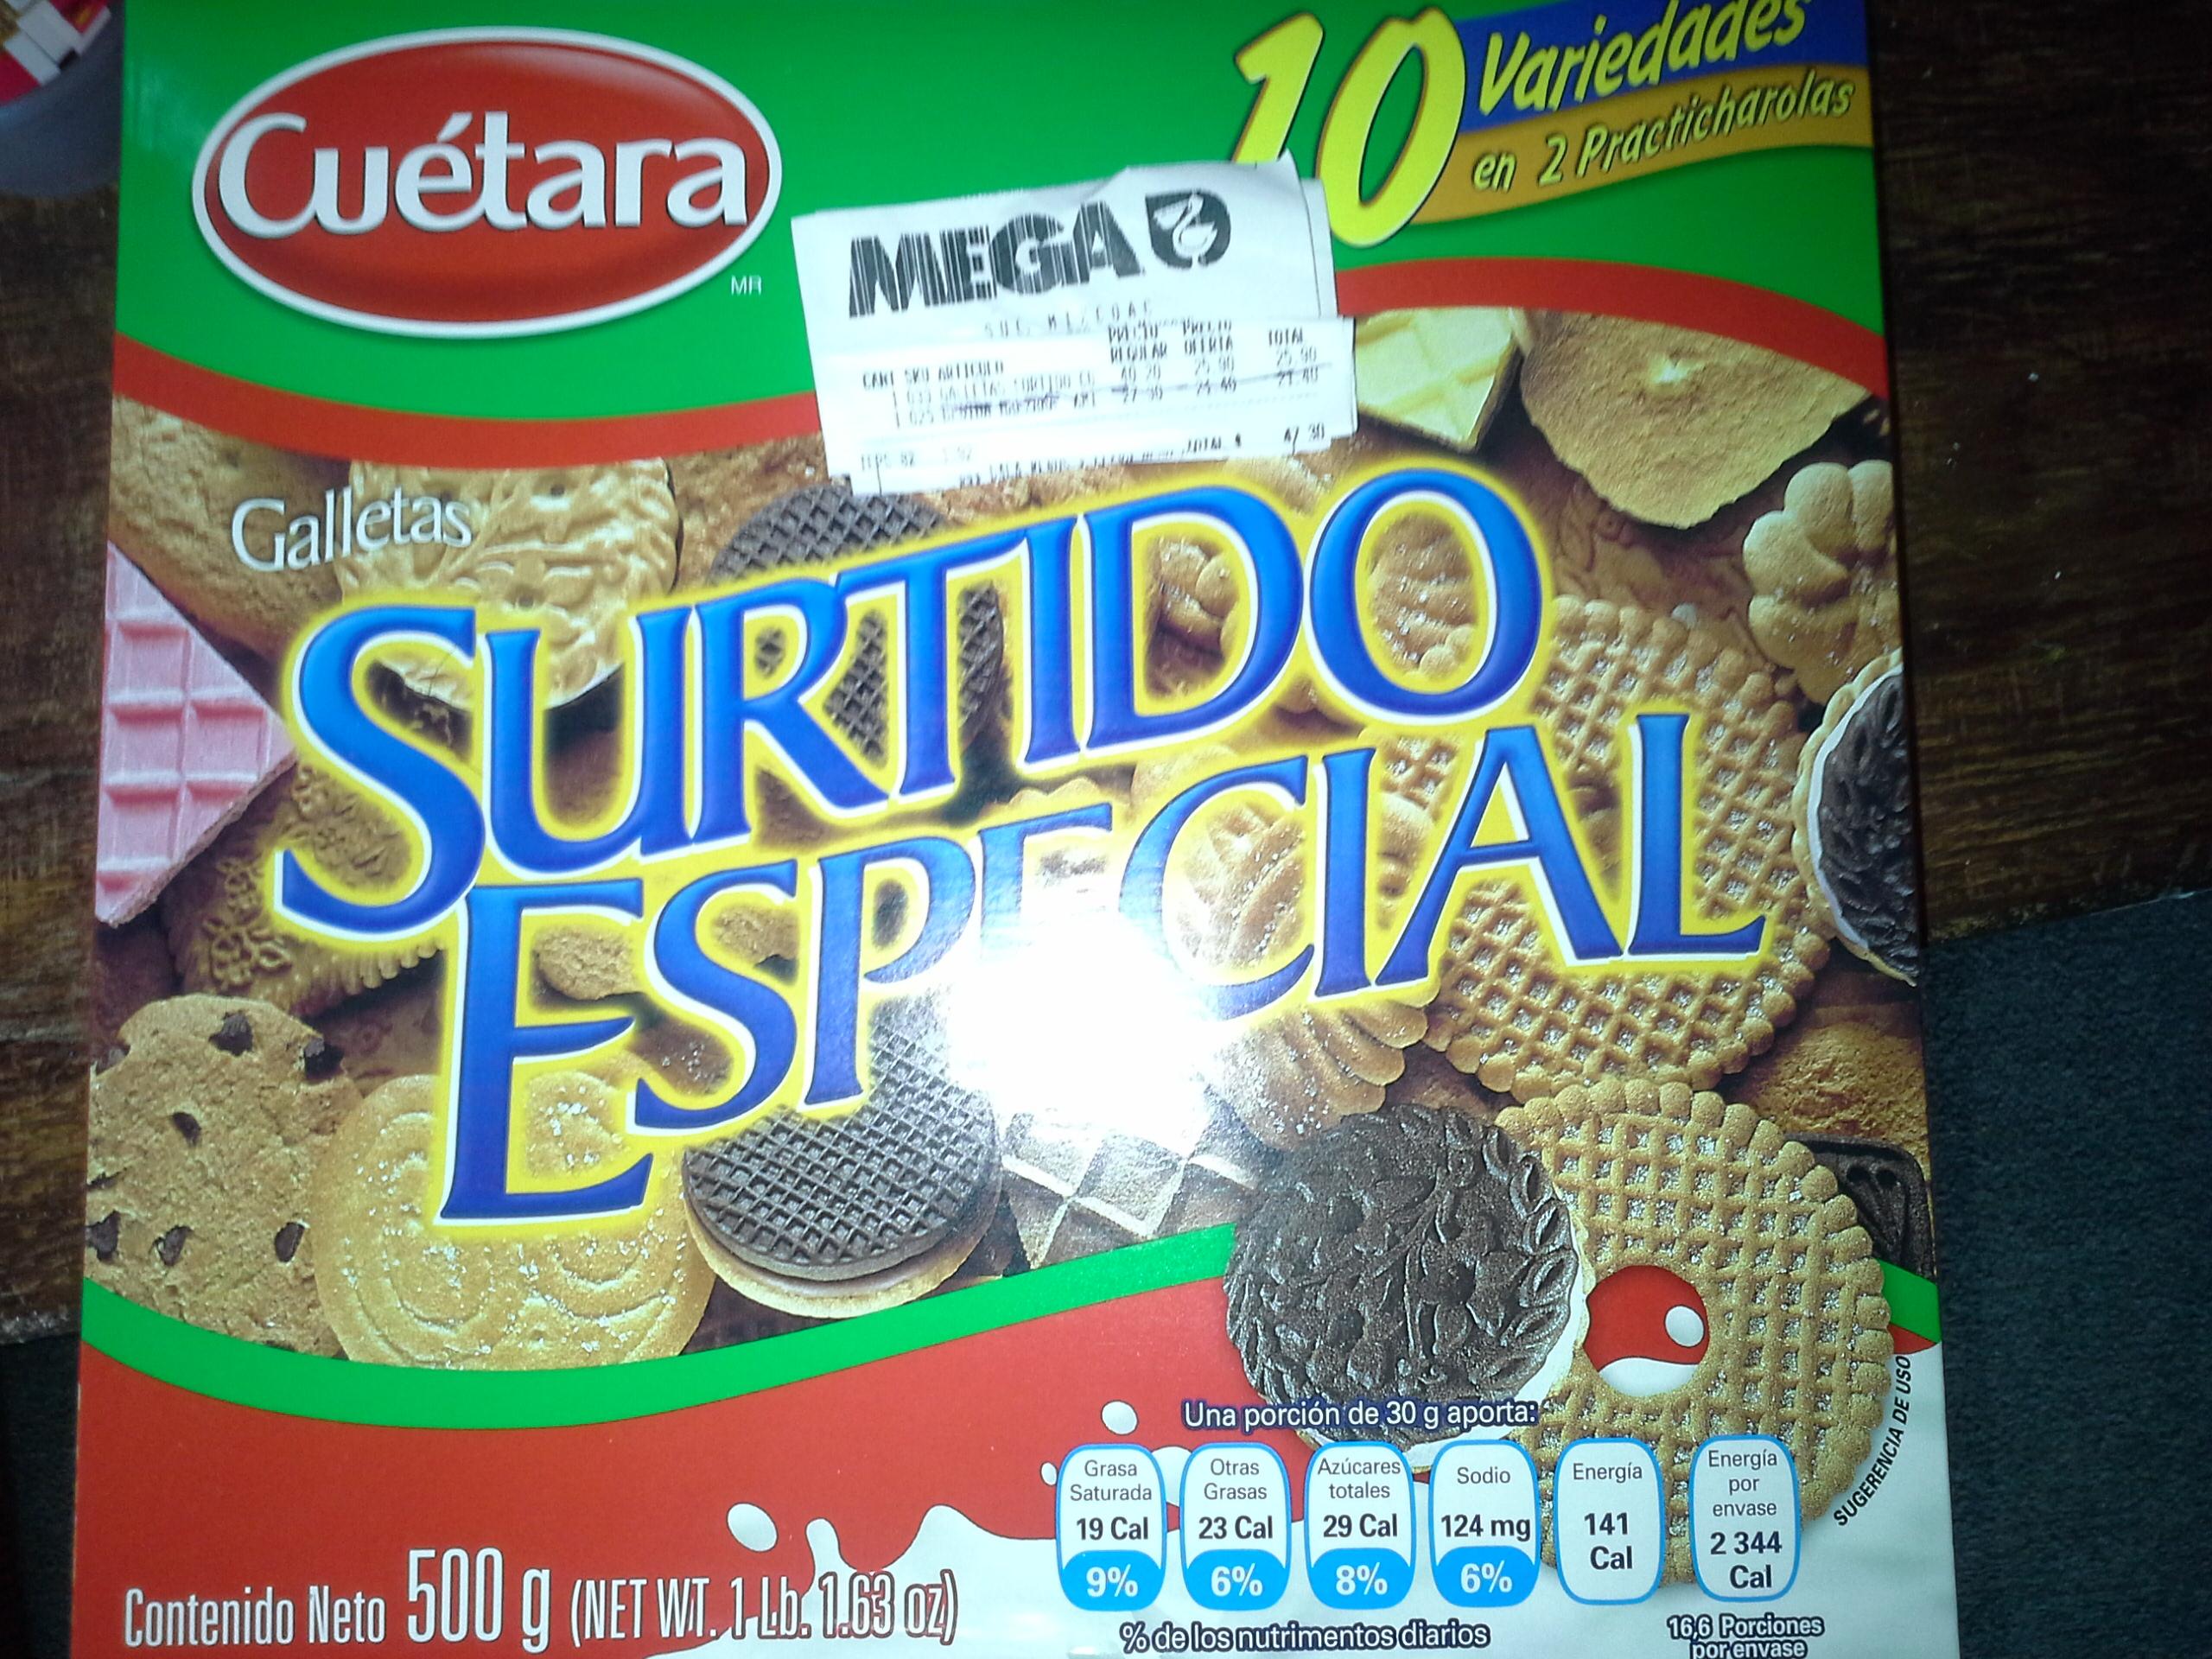 Comercial Mexicana Mega Mixcoac: Galletas Cuétara Surtido Especial de $40.20 a $25.90